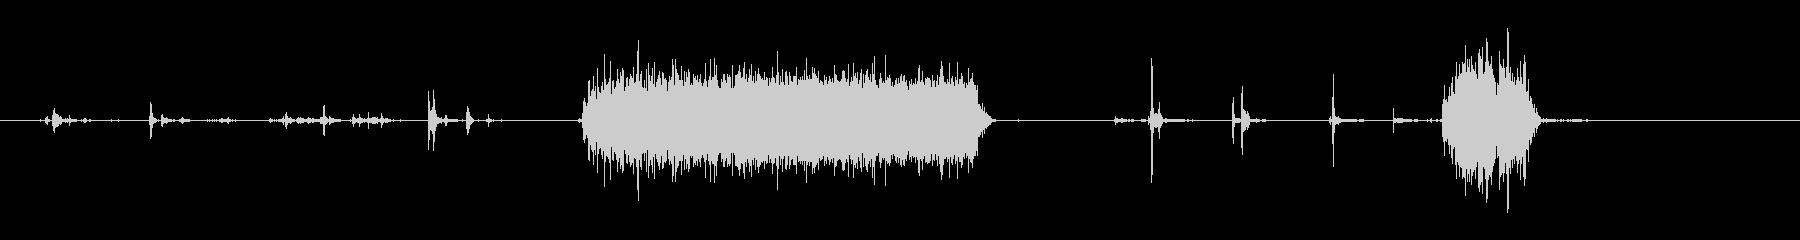 キッチンロボット-SHORT_CU...の未再生の波形